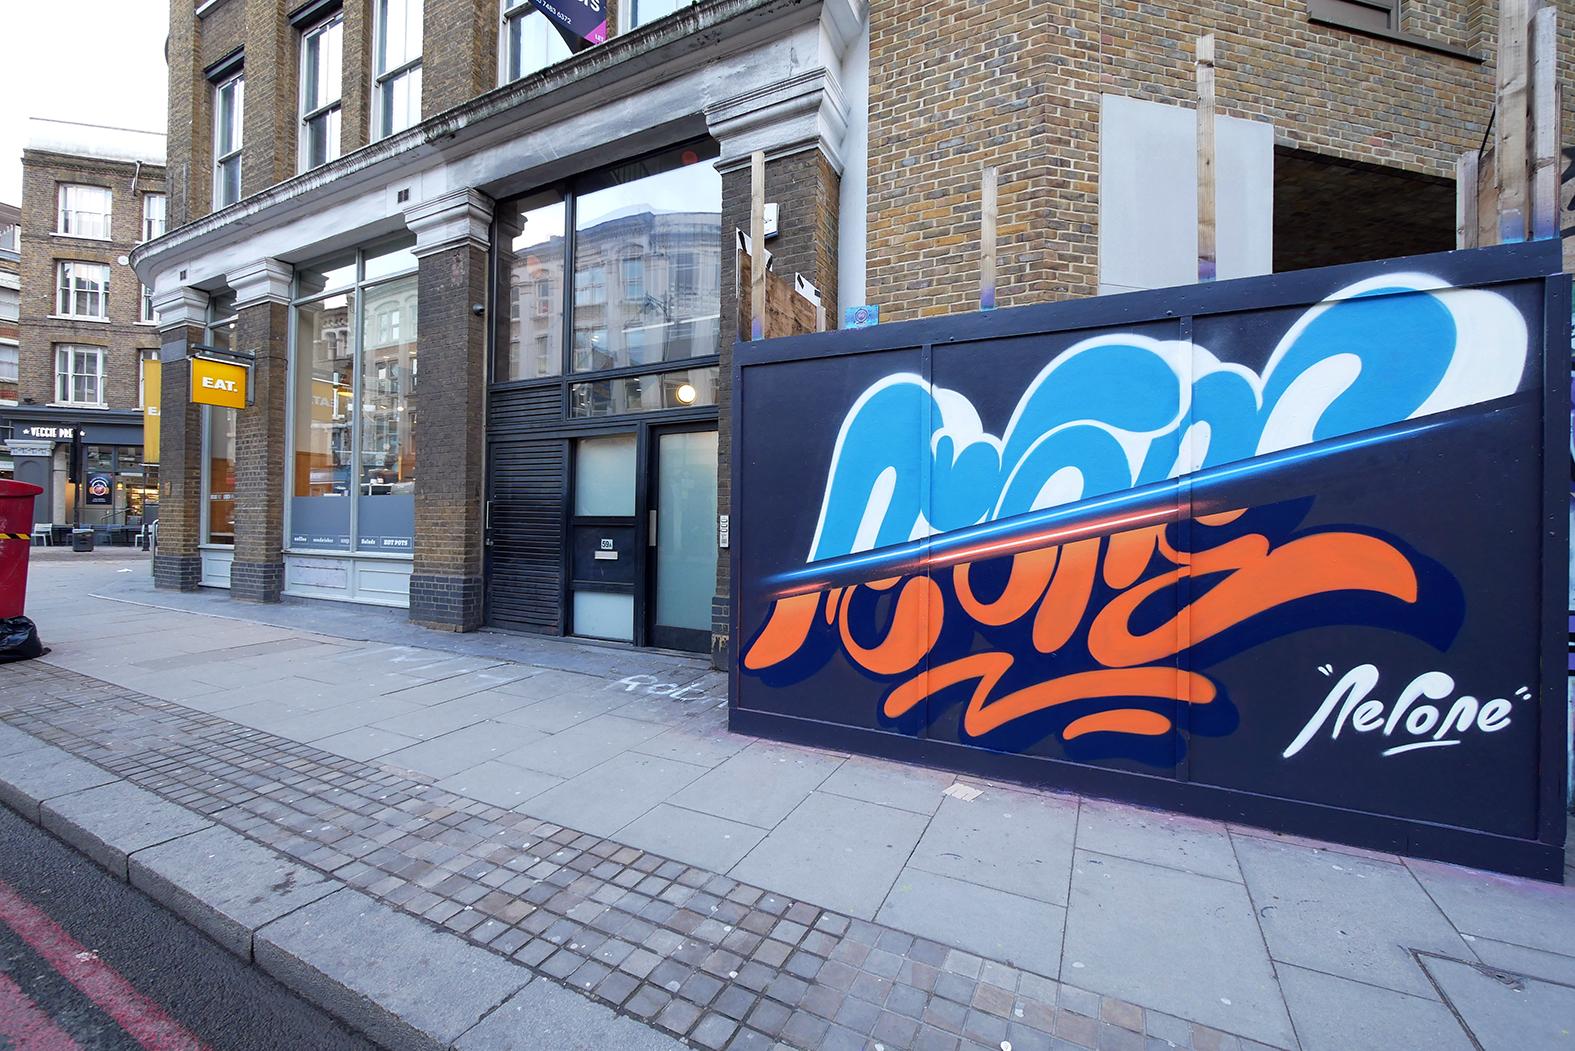 Nerone-graffiti-London